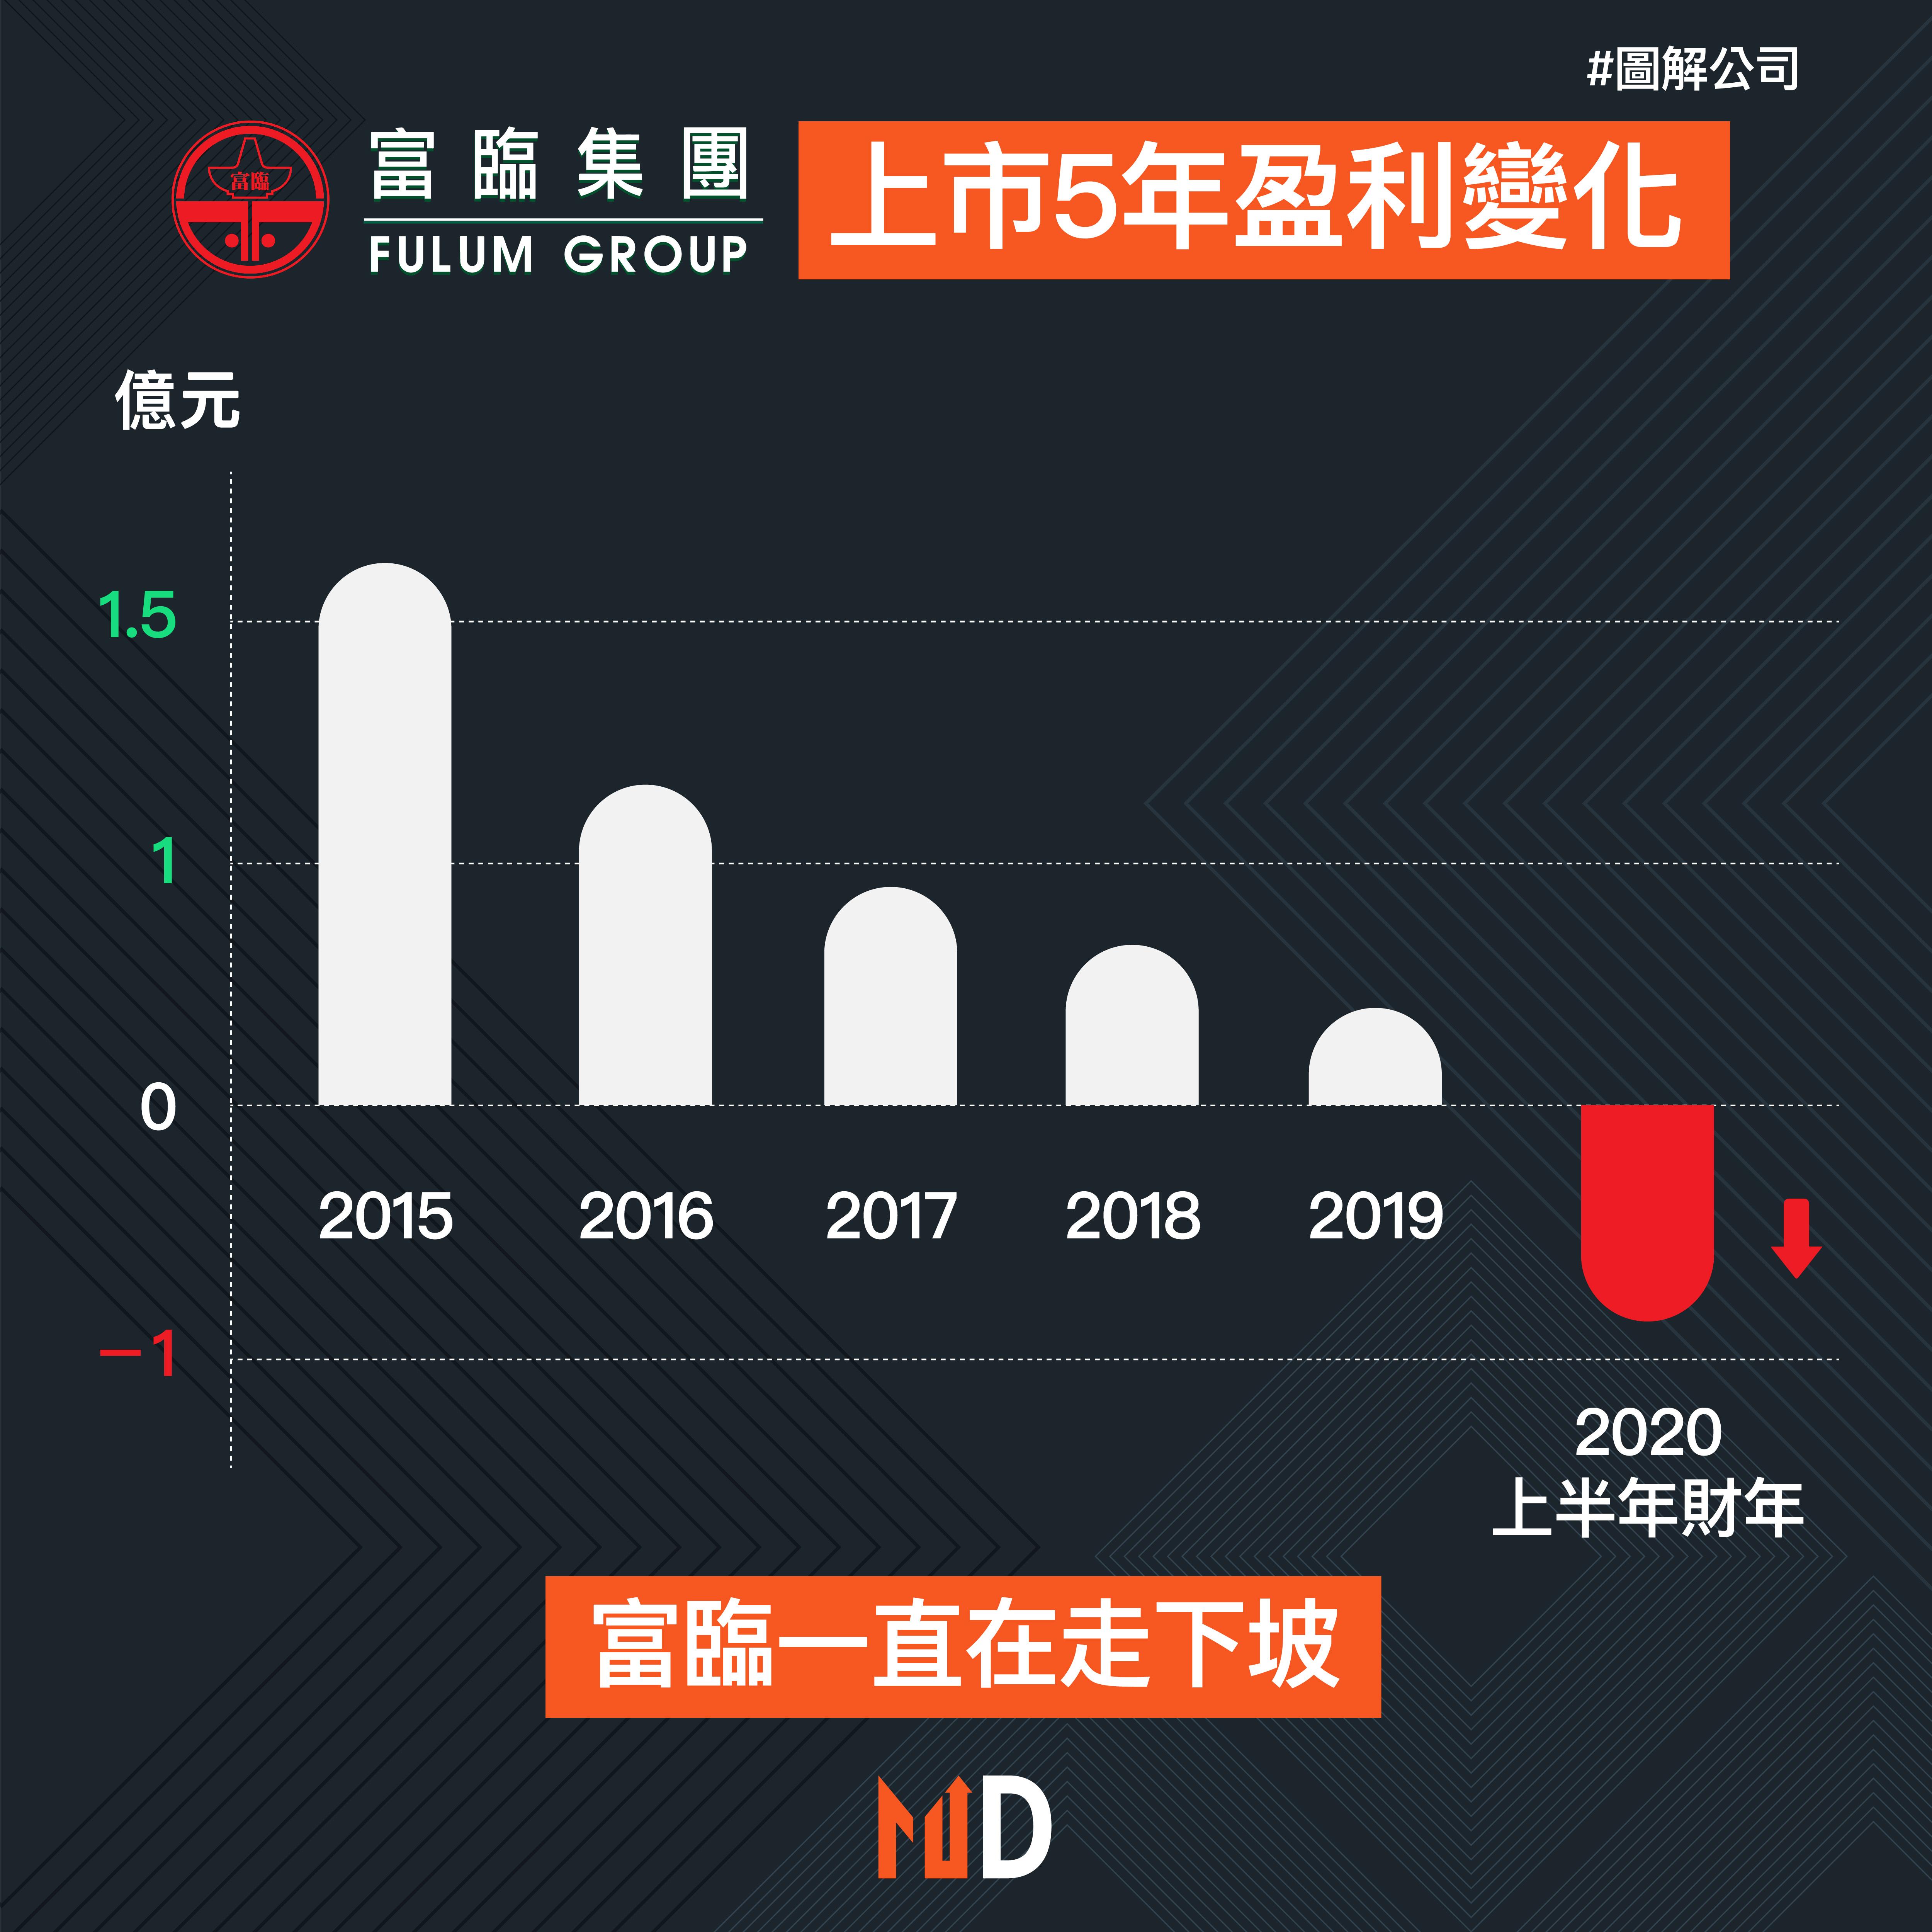 【圖解公司】富臨集團上市5年盈利變化